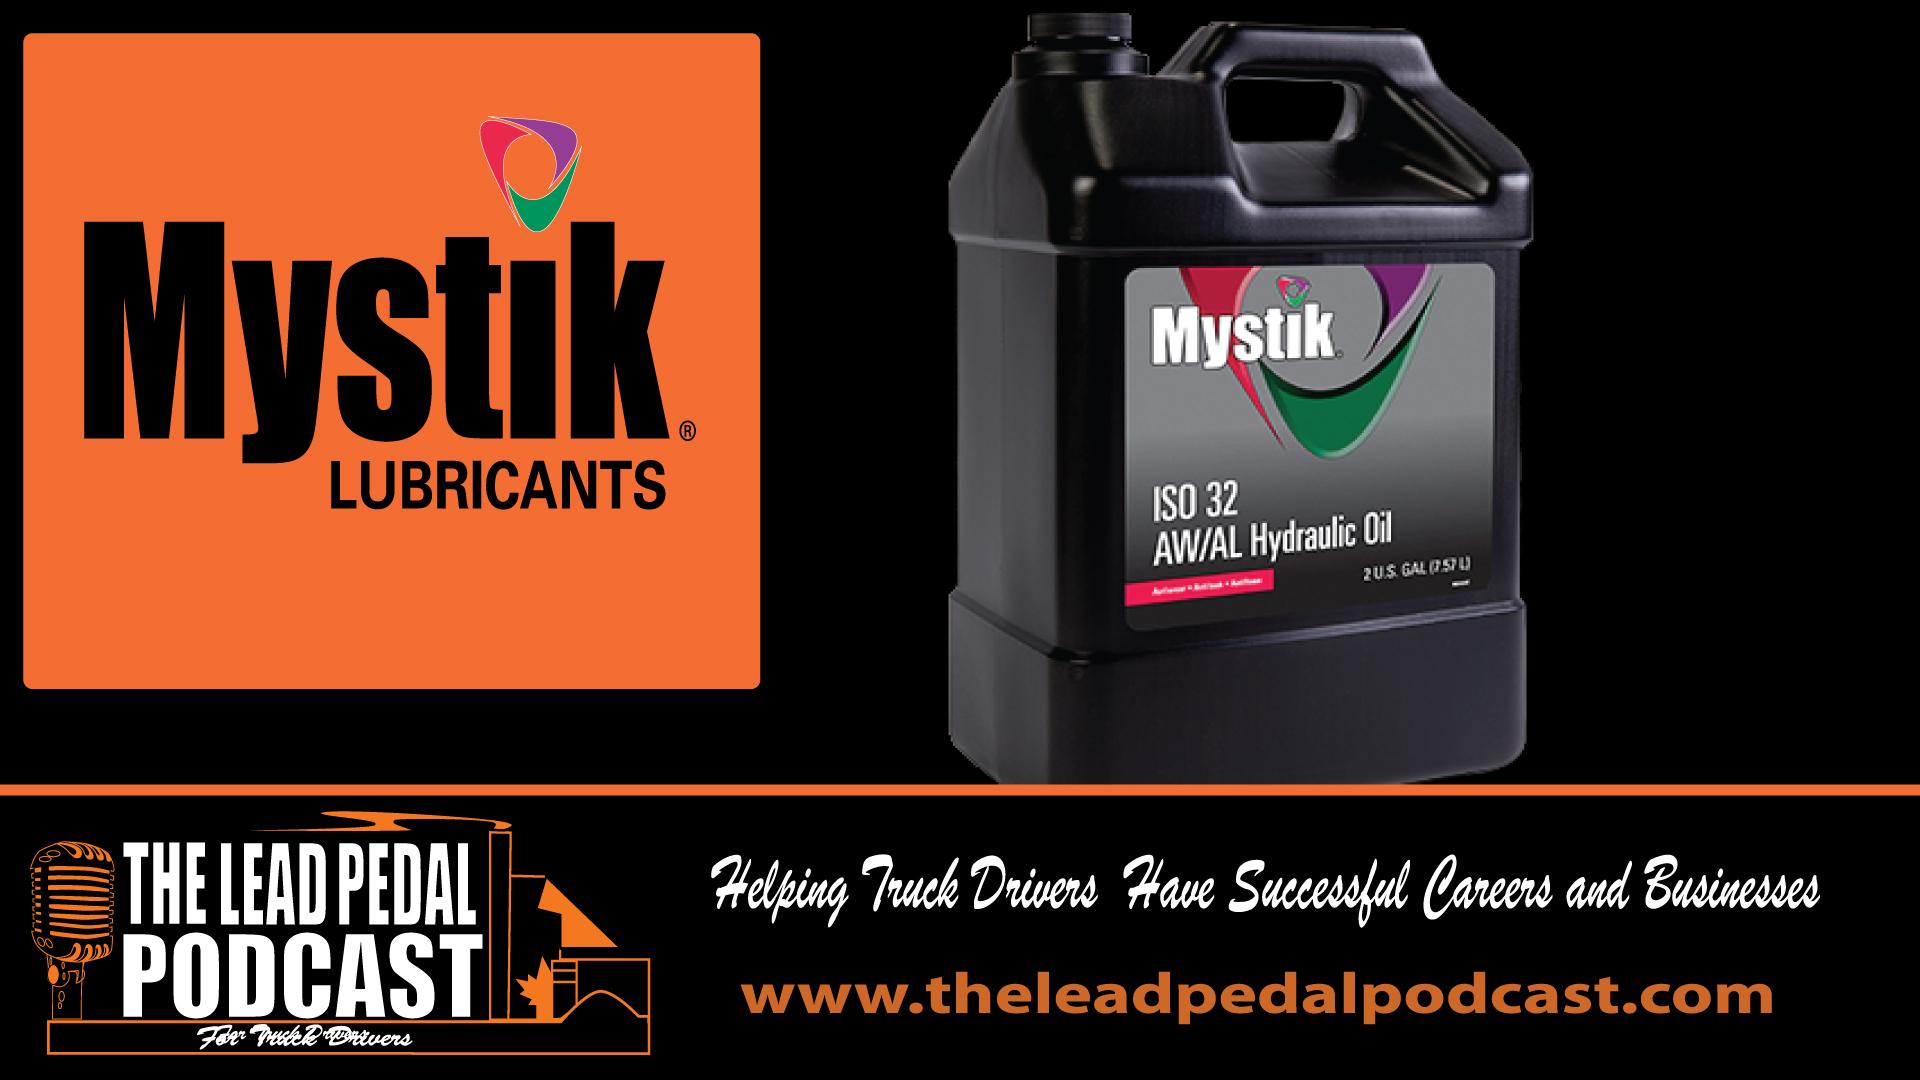 Mystik Hydraulic Oil